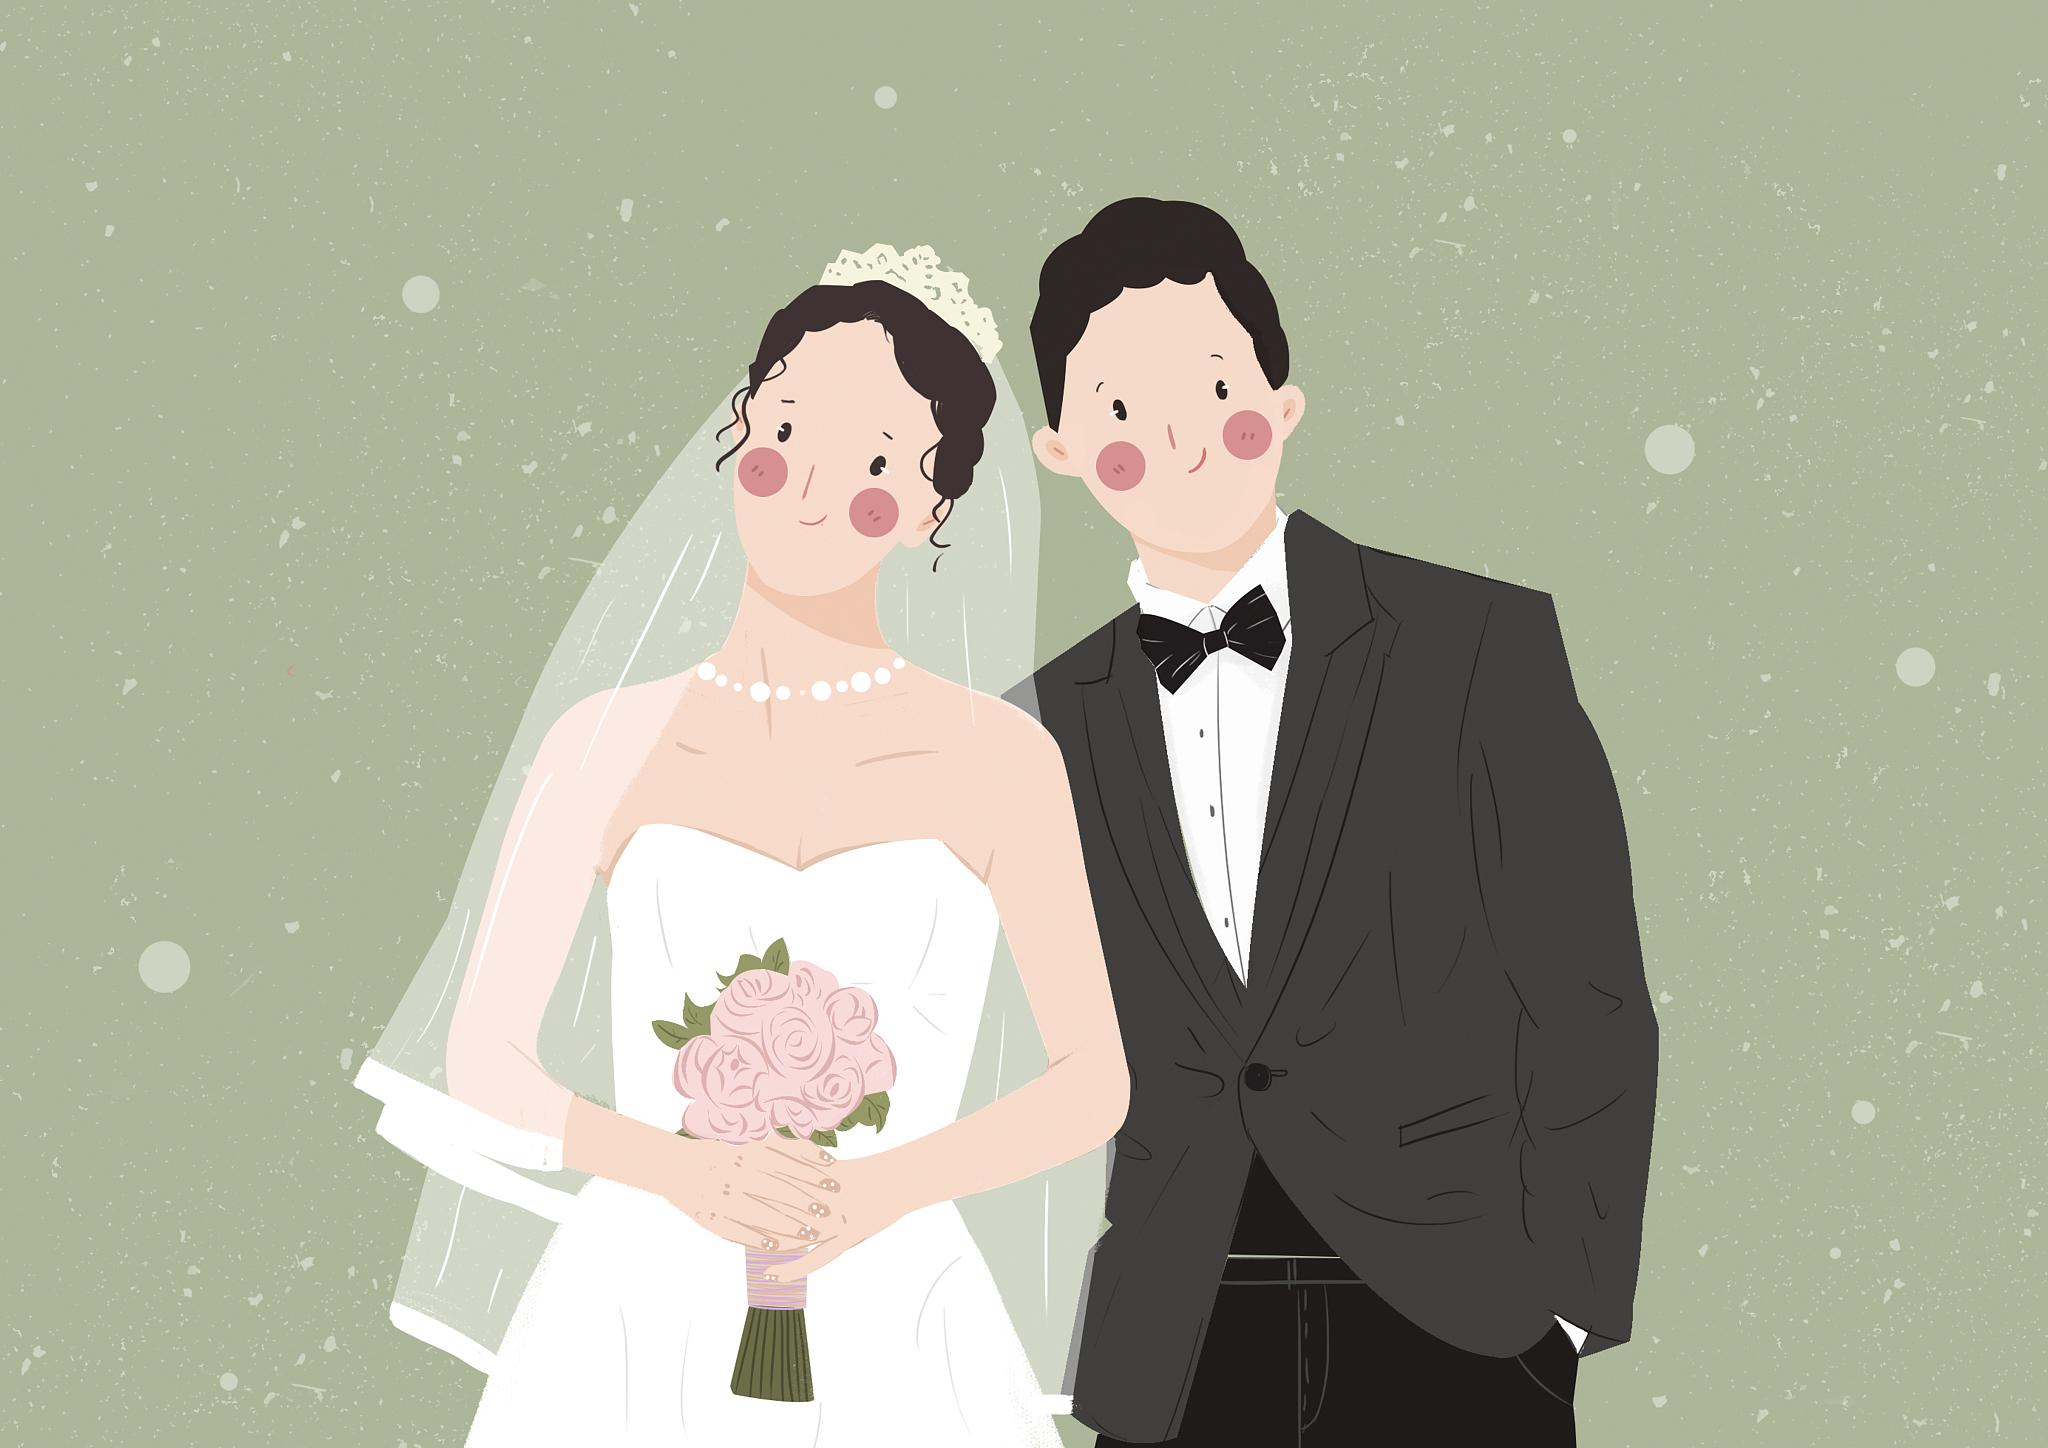 男女婚姻合适与否看属相还是八字 男女属相婚配